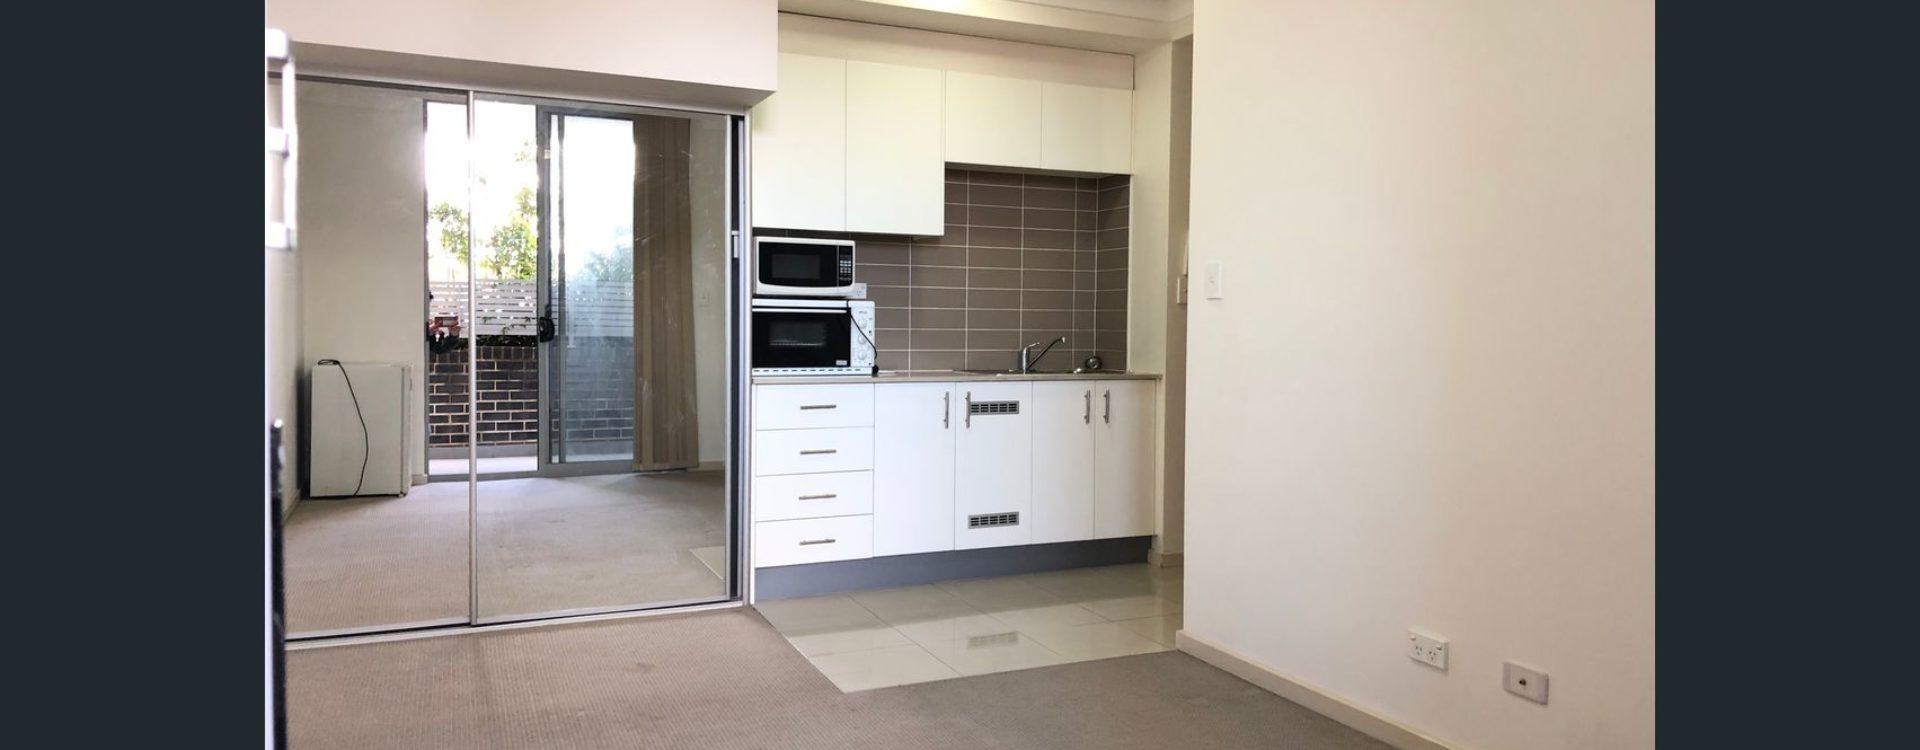 17B/292 Fairfield Street, Fairfield East NSW 2165